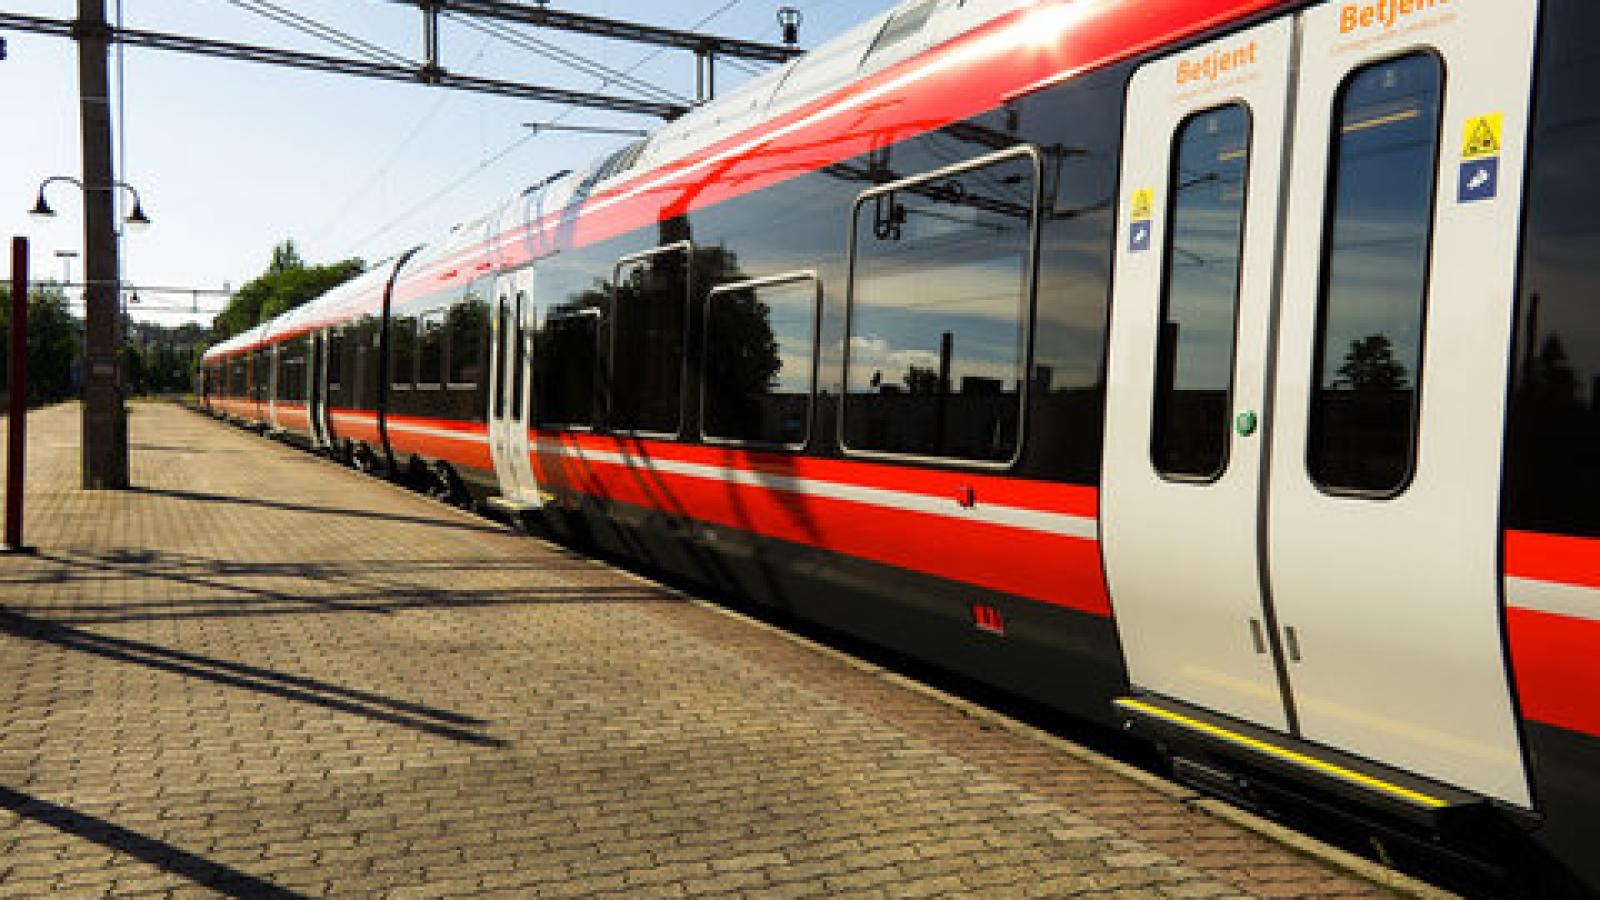 Jernbanepakke IV tilrettelegger for konkurranseutsetting av persontrafikken. Skal Stortinget reversere jernbanereformen, må det også stoppe jernbanepakka.